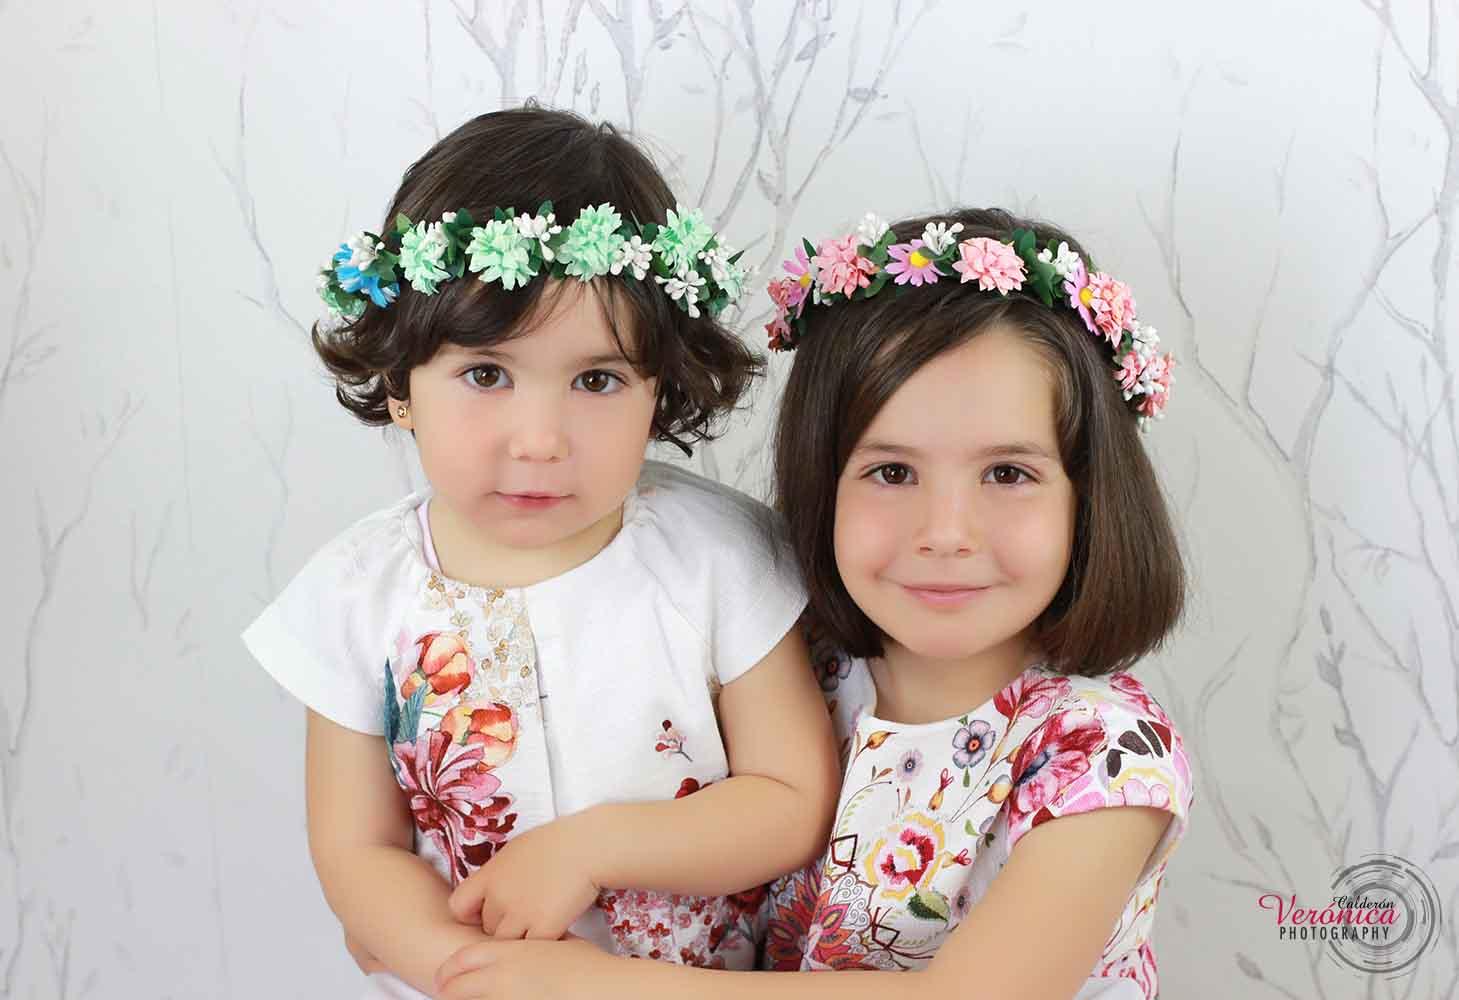 fotografía infantil sesión fotos corona flores Verónica Calderón